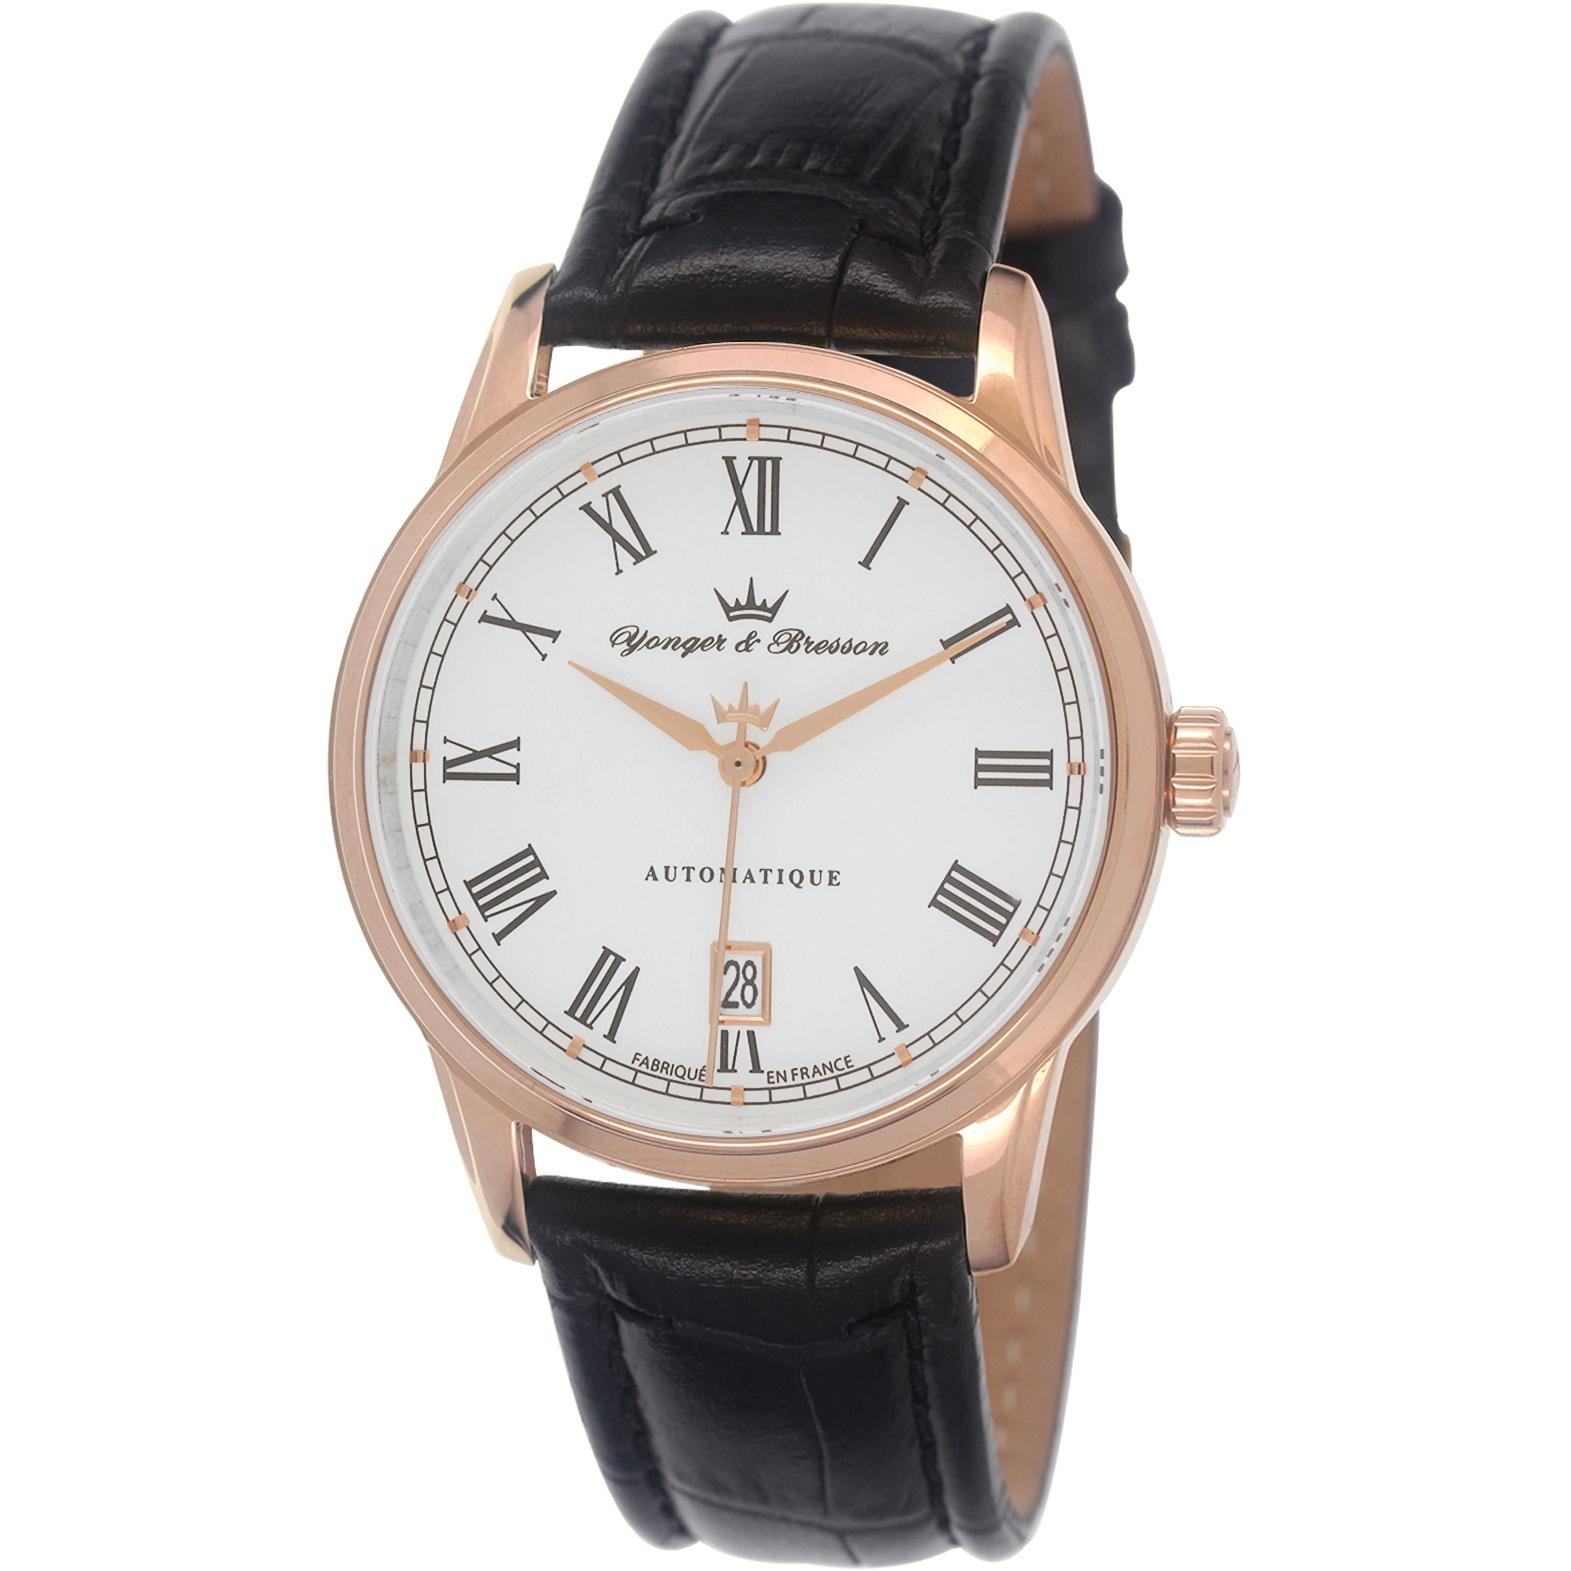 Orologio uomo Yonger bresson YBH836604